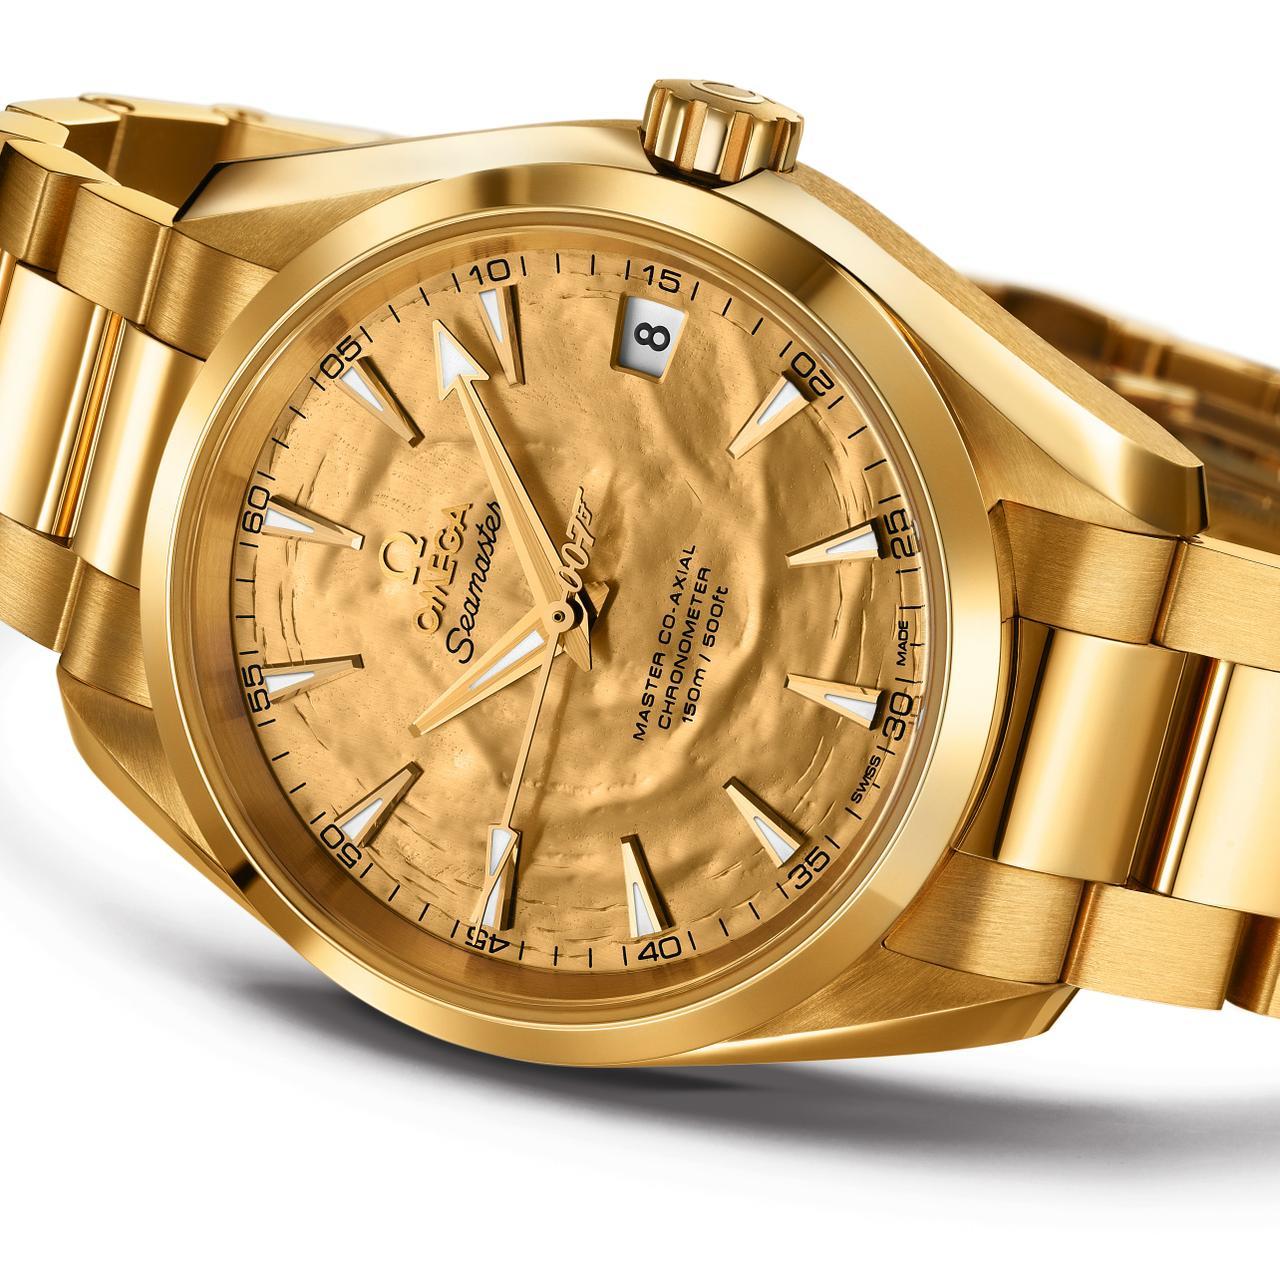 Иркутске скупка в золотых часов с можно кукушкой часы сколько продать за